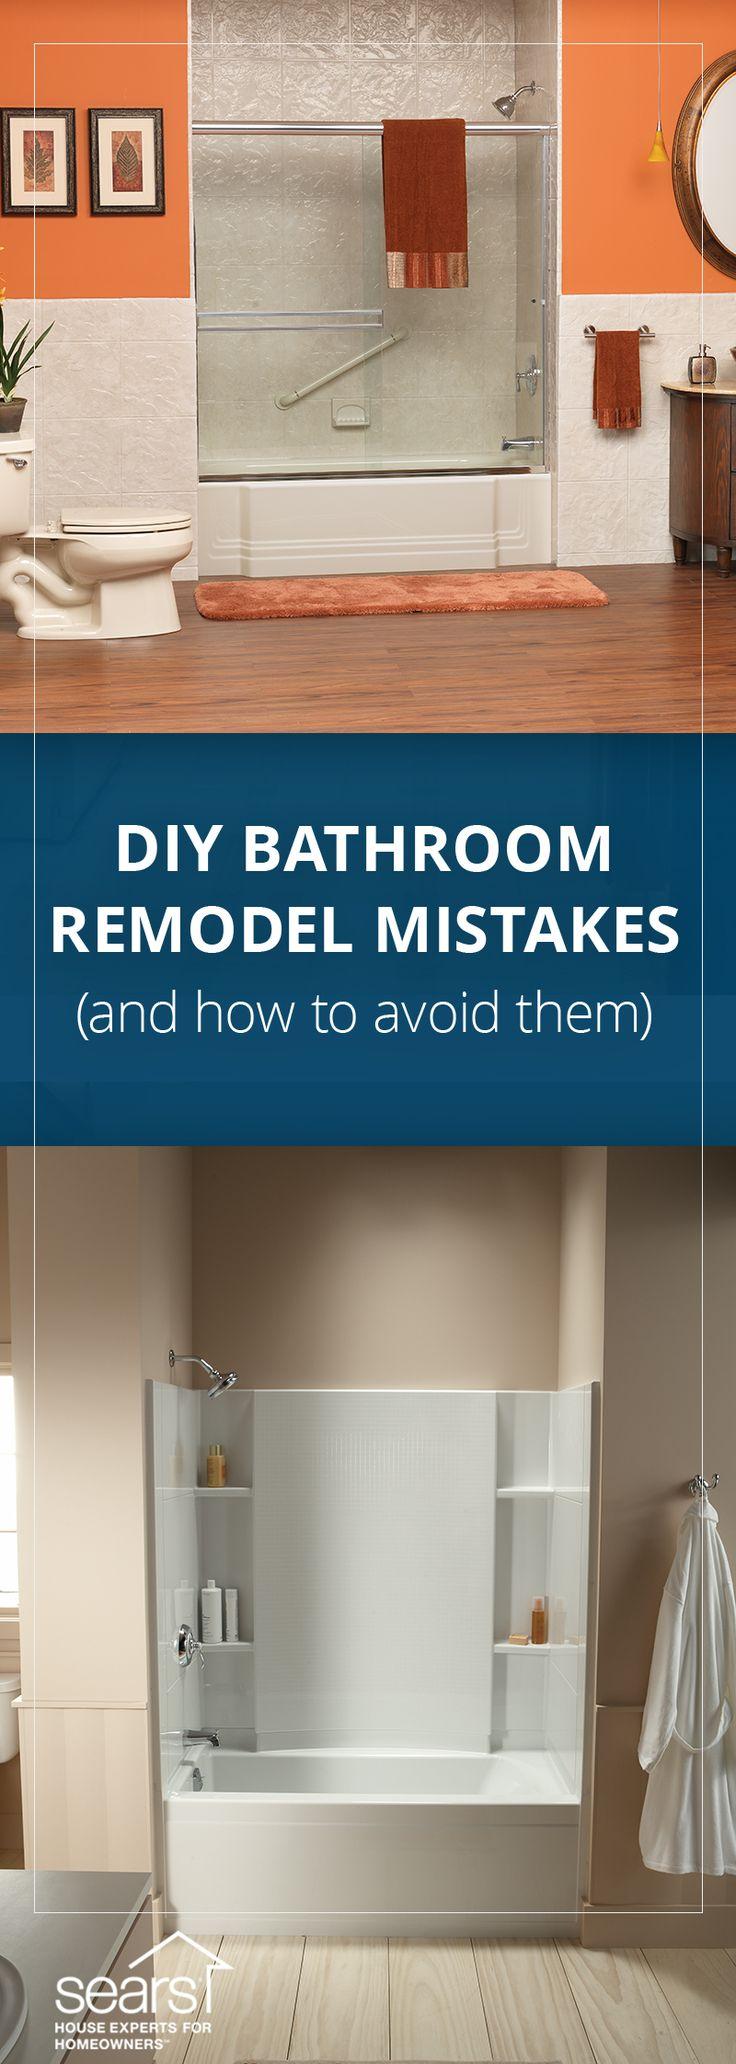 13 Best Bathroom Remodel & Renovation Images On Pinterest